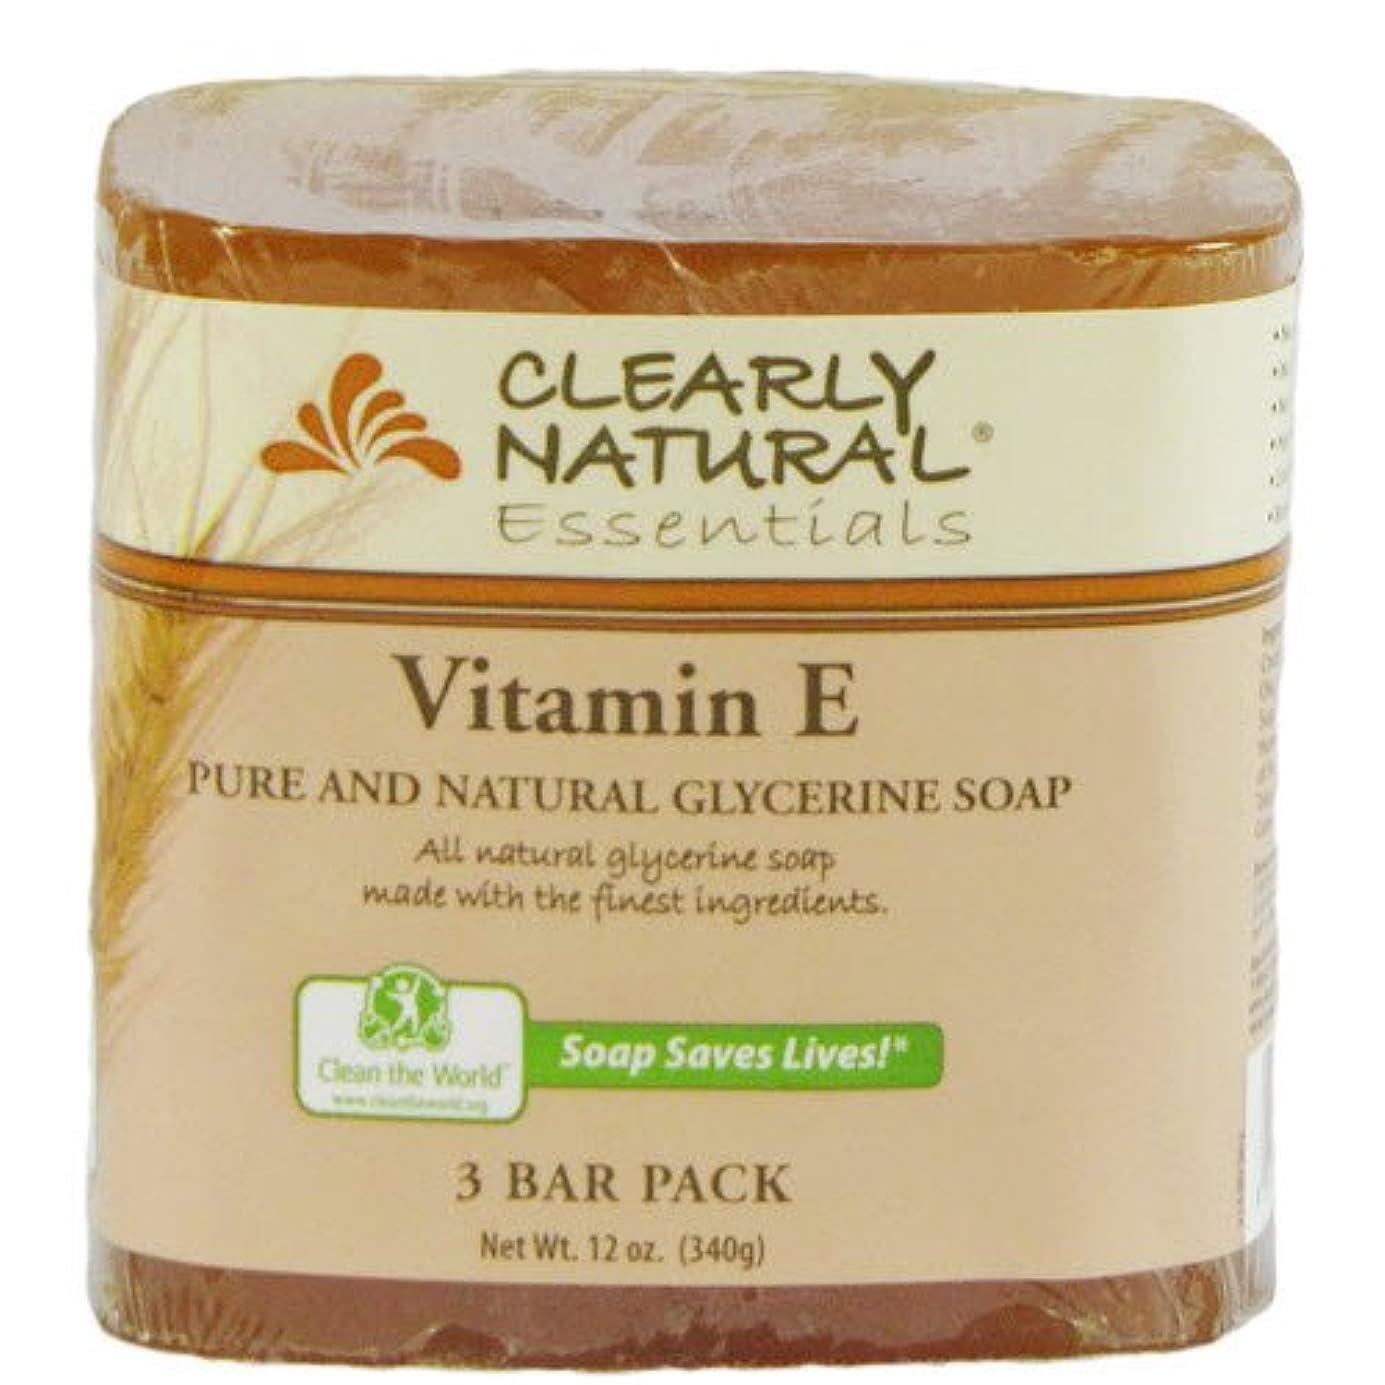 クレーントレーニングフォームClearly Natural, Pure and Natural Glycerine Soap, Vitamin E, 3 Bar Pack, 4 oz Each